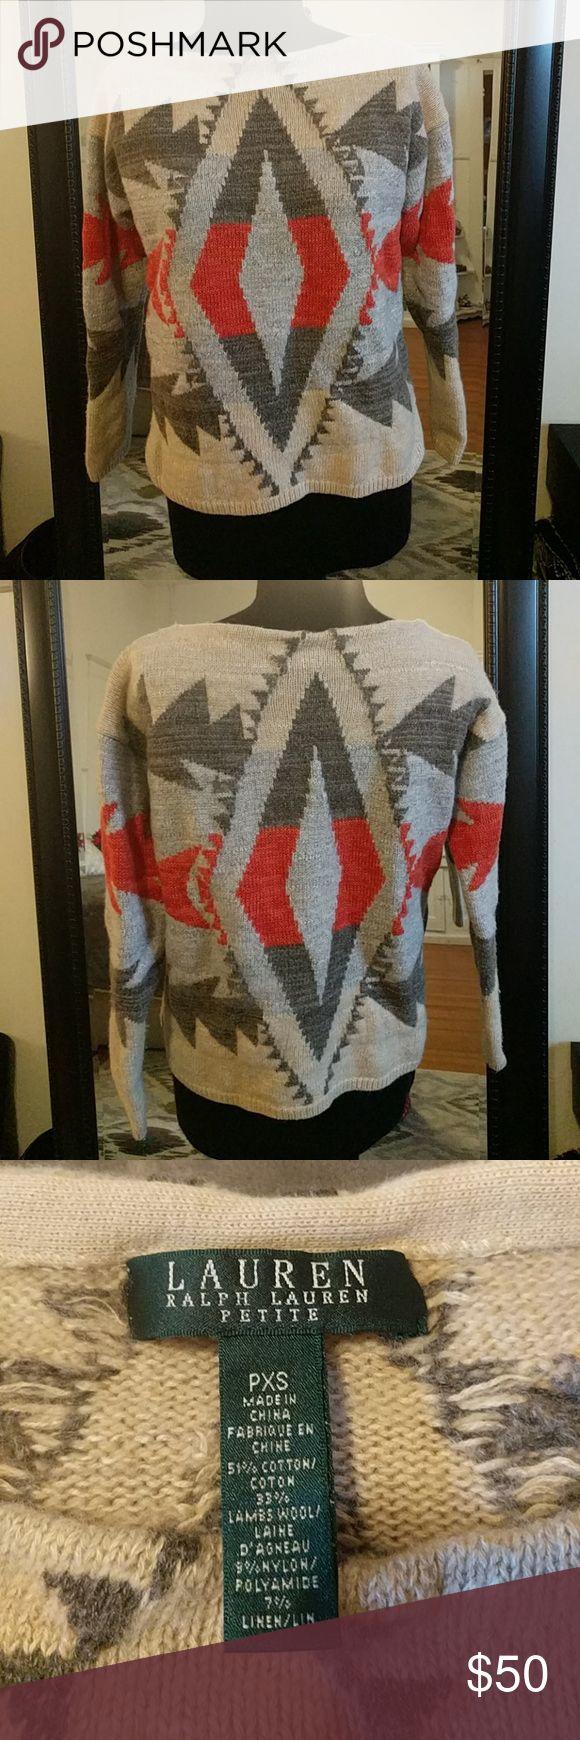 Ralph Lauren wool-blend sweater Fun tribal print sweater by Ralph Lauren. 51% Cotton; 33% Lambs wool; 9% Nylon; 7% Linen. Ralph Lauren Tops